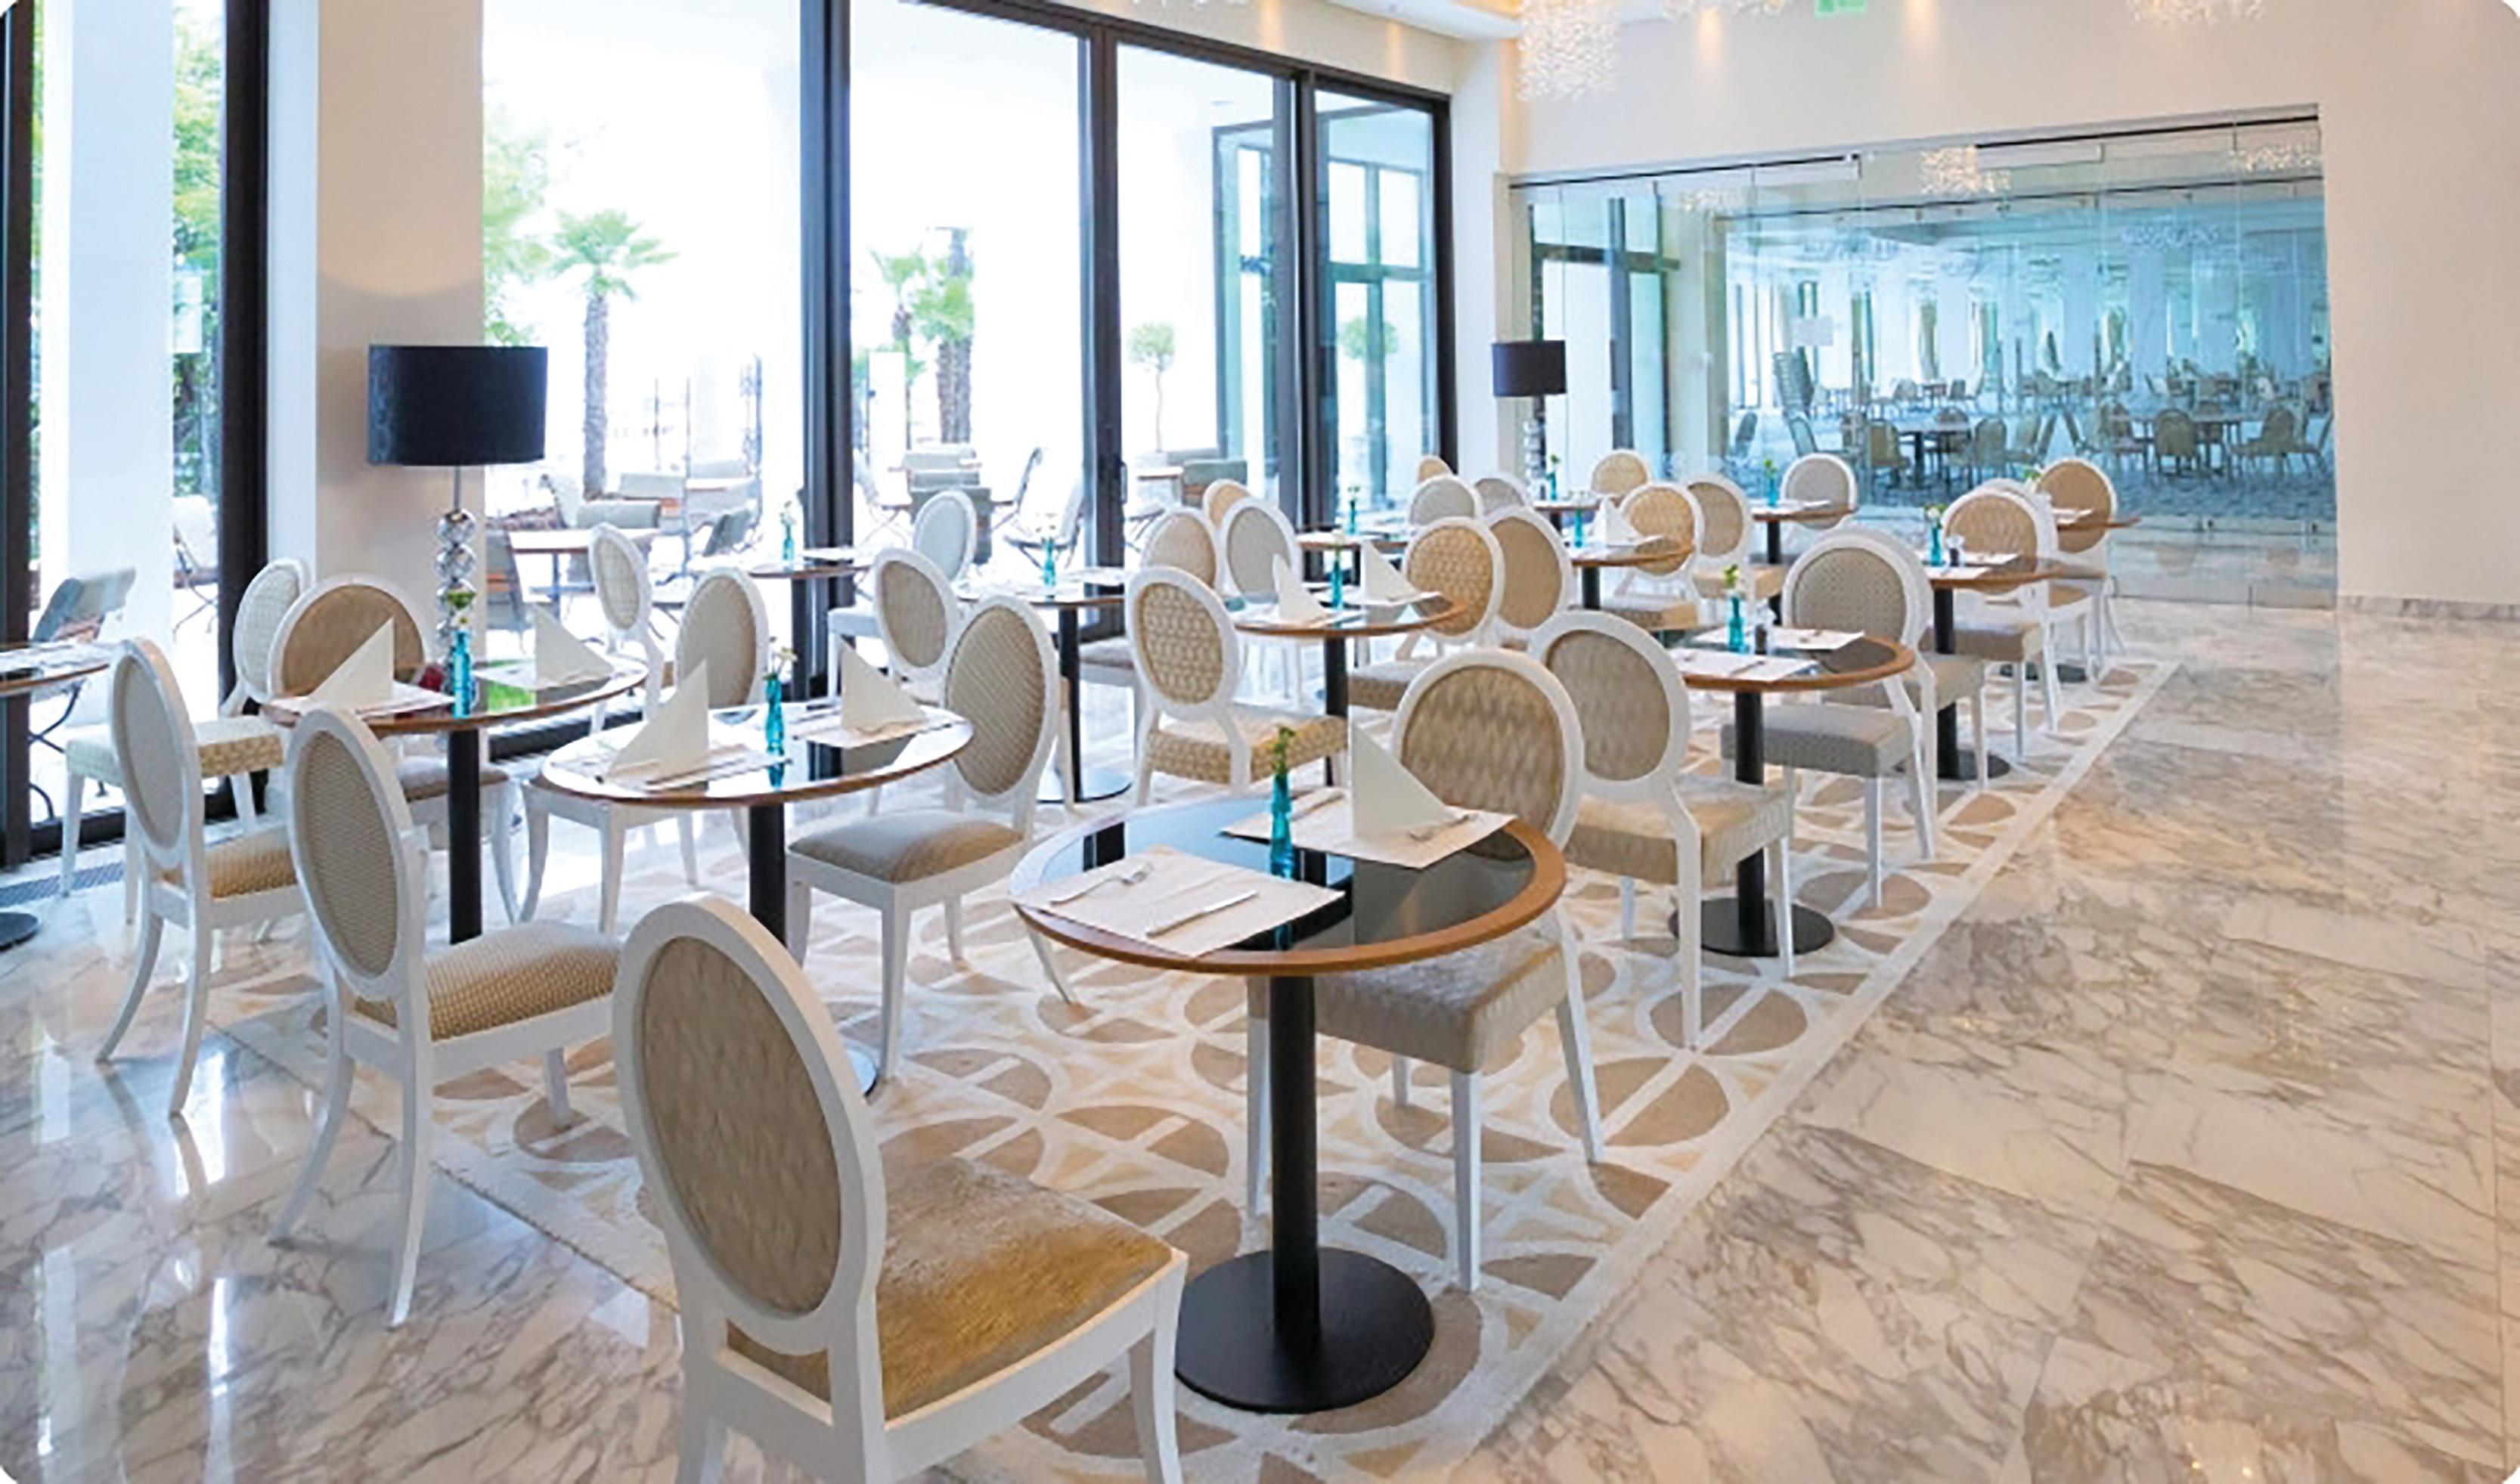 restoran-920-800-600-100-rd-255-255-255